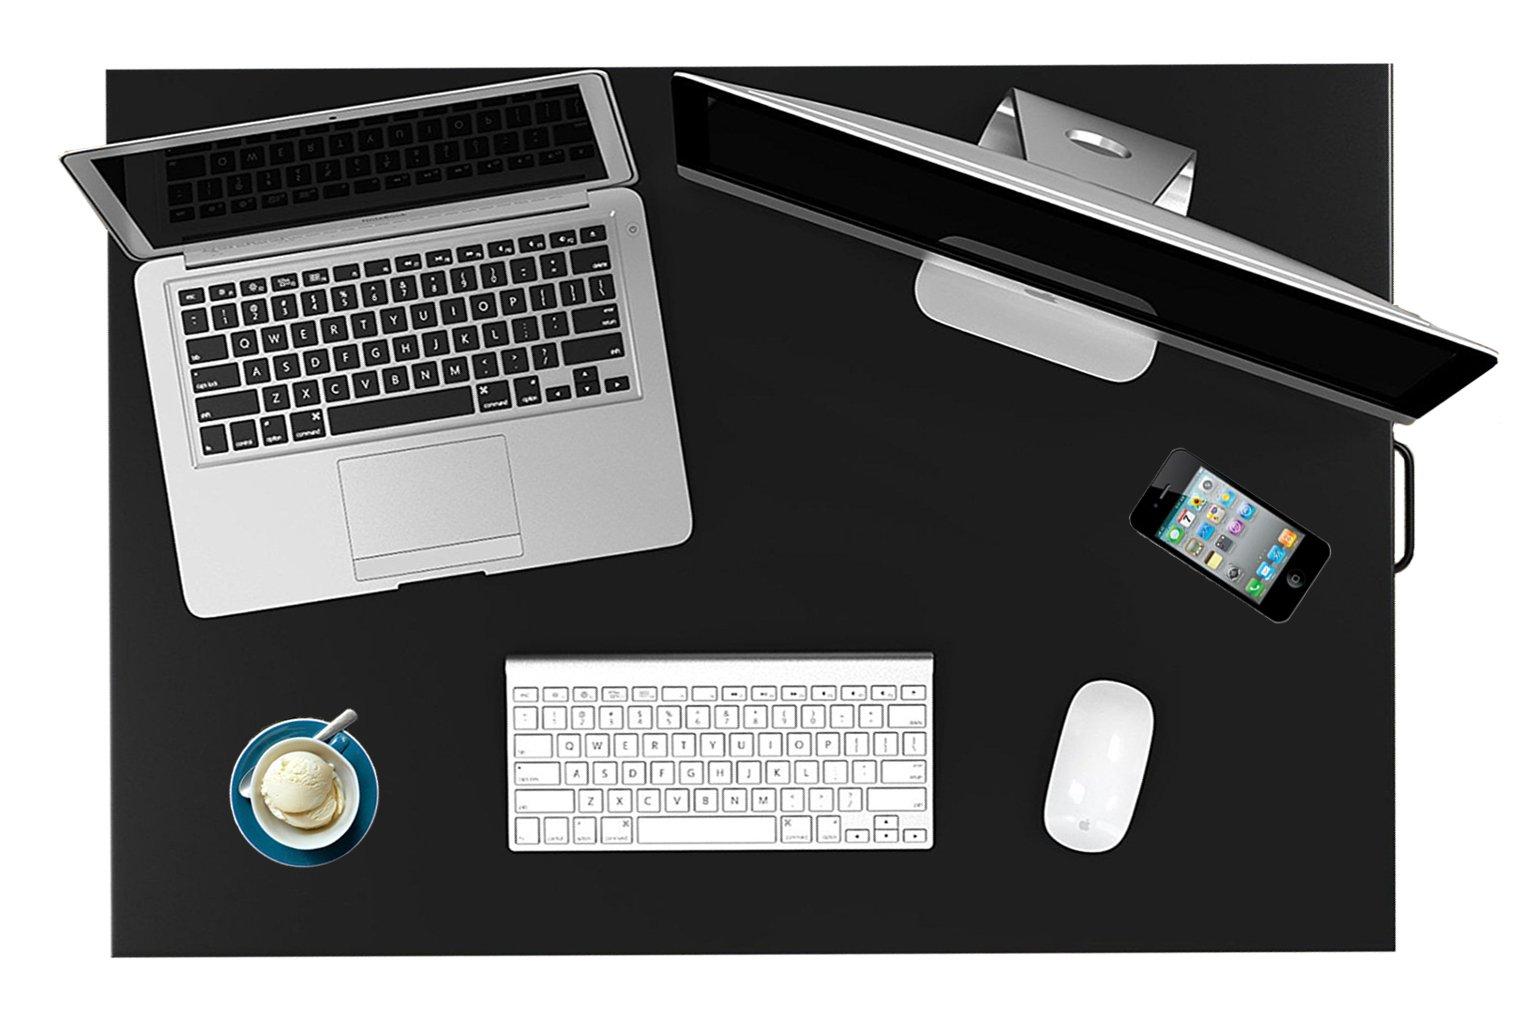 Standing Desk Stand Up Desks Height Adjustable Sit Stand Converter Laptop Stands Large Wide Rising Black Dual Monitor PC Desktop Computer Riser Table Workstation Foldable Extender Ergonomic 32 inch by Defy Desk (Image #4)